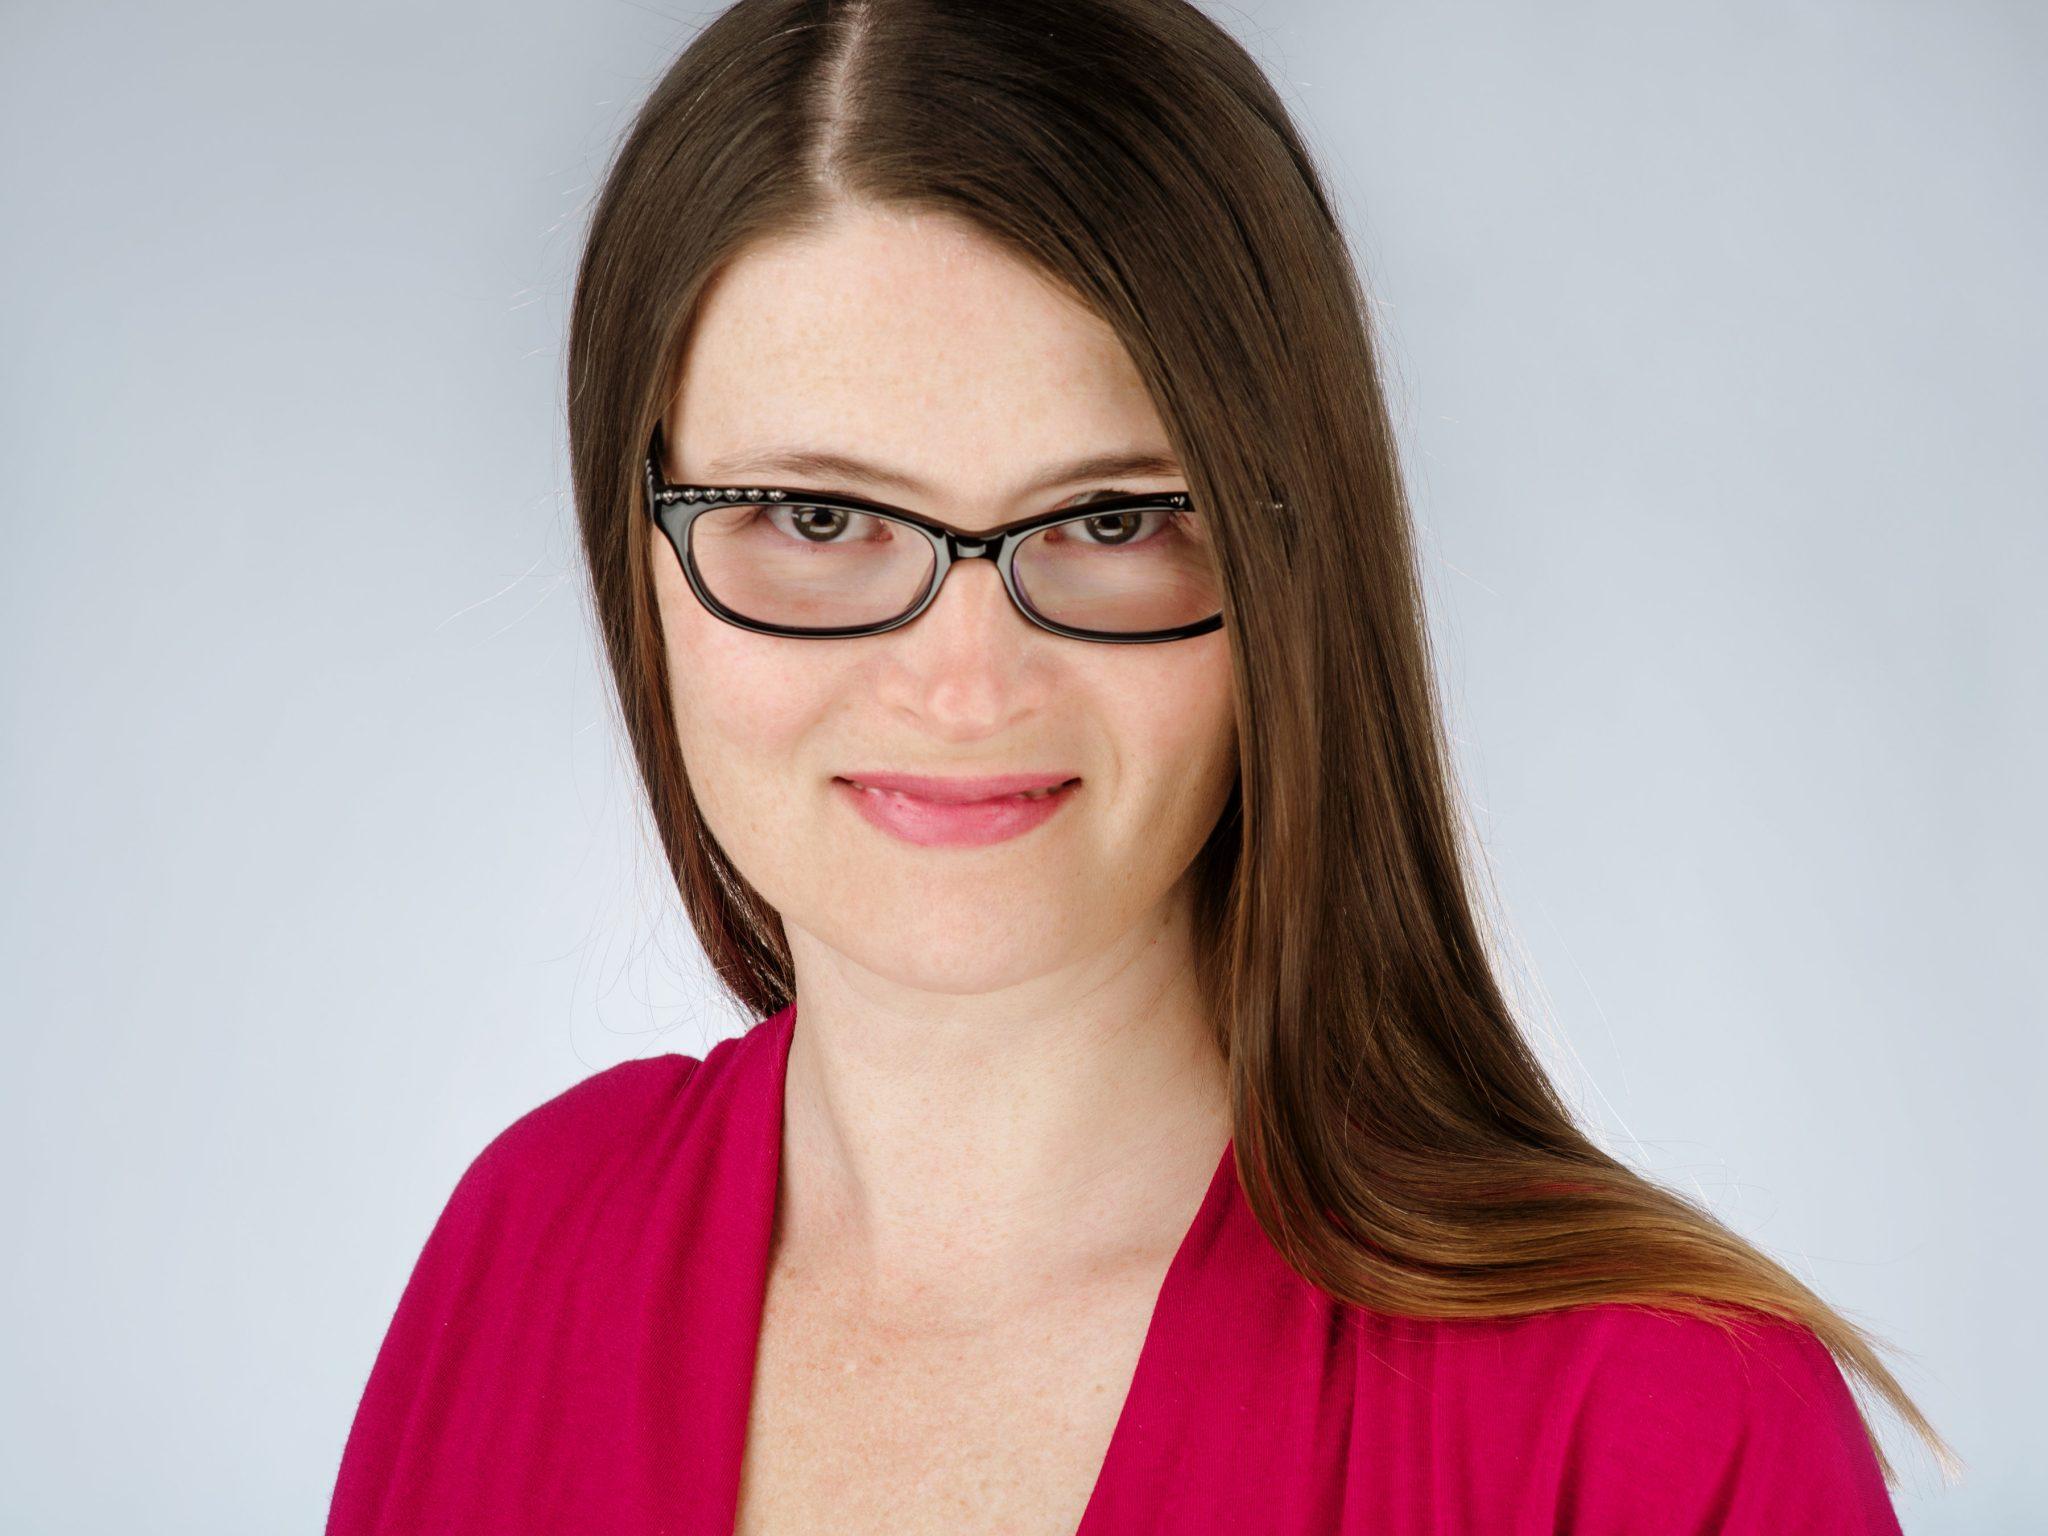 Lara Dunning